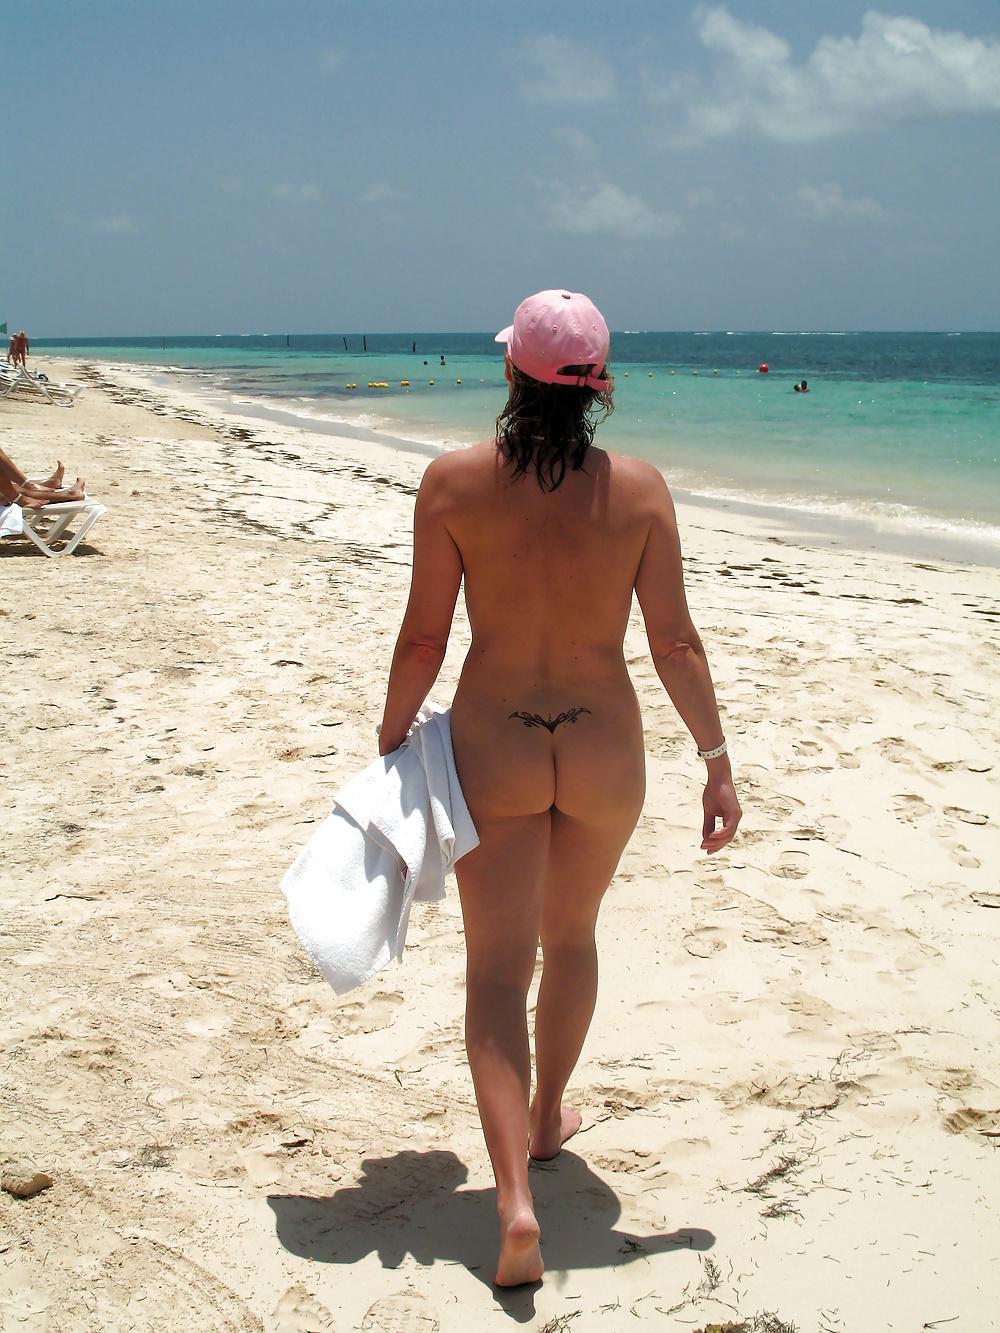 Naturist naked public nude beach nude